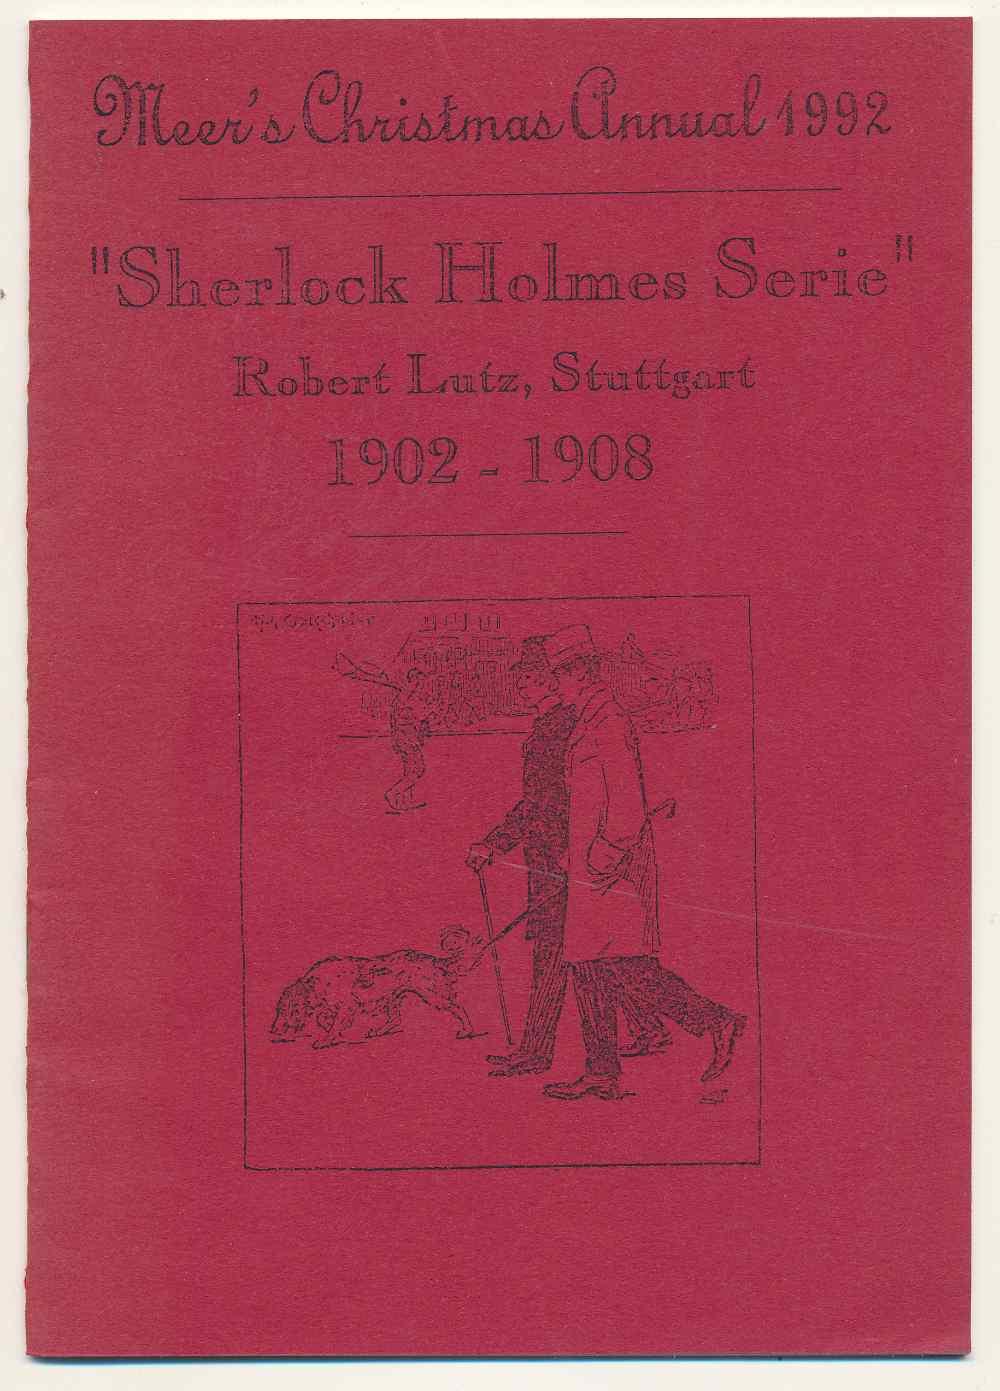 """""""Sherlock Holmes Serie"""" : Robert Lutz, Stuttgart 1902-1908"""